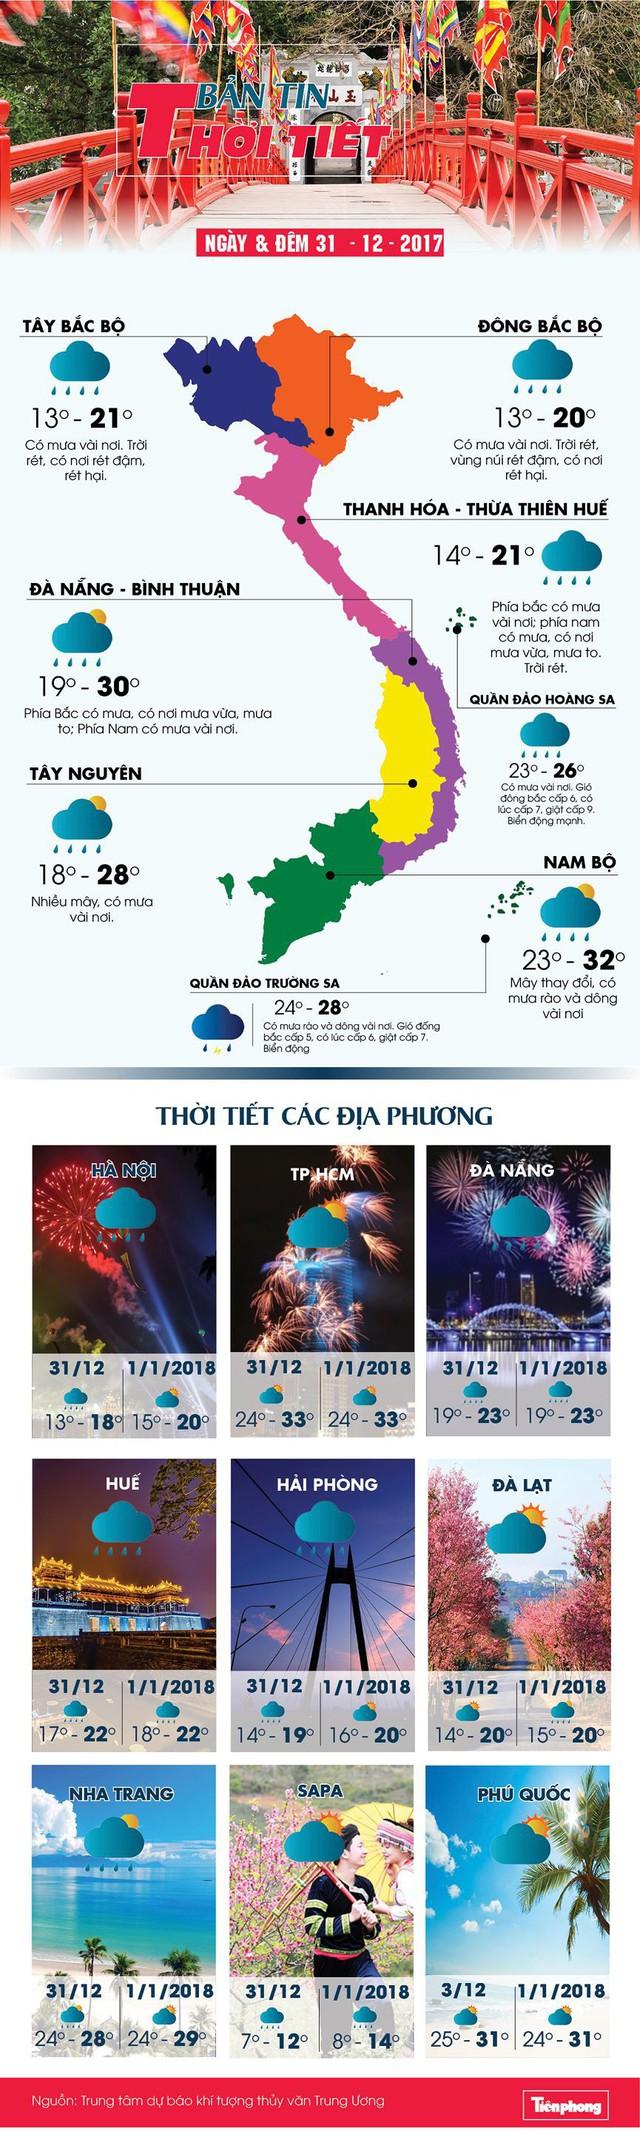 Tết Dương lịch 2018: Hà Nội hết mưa , TP.HCM nắng 32 độ C Infographics - Ảnh 1.